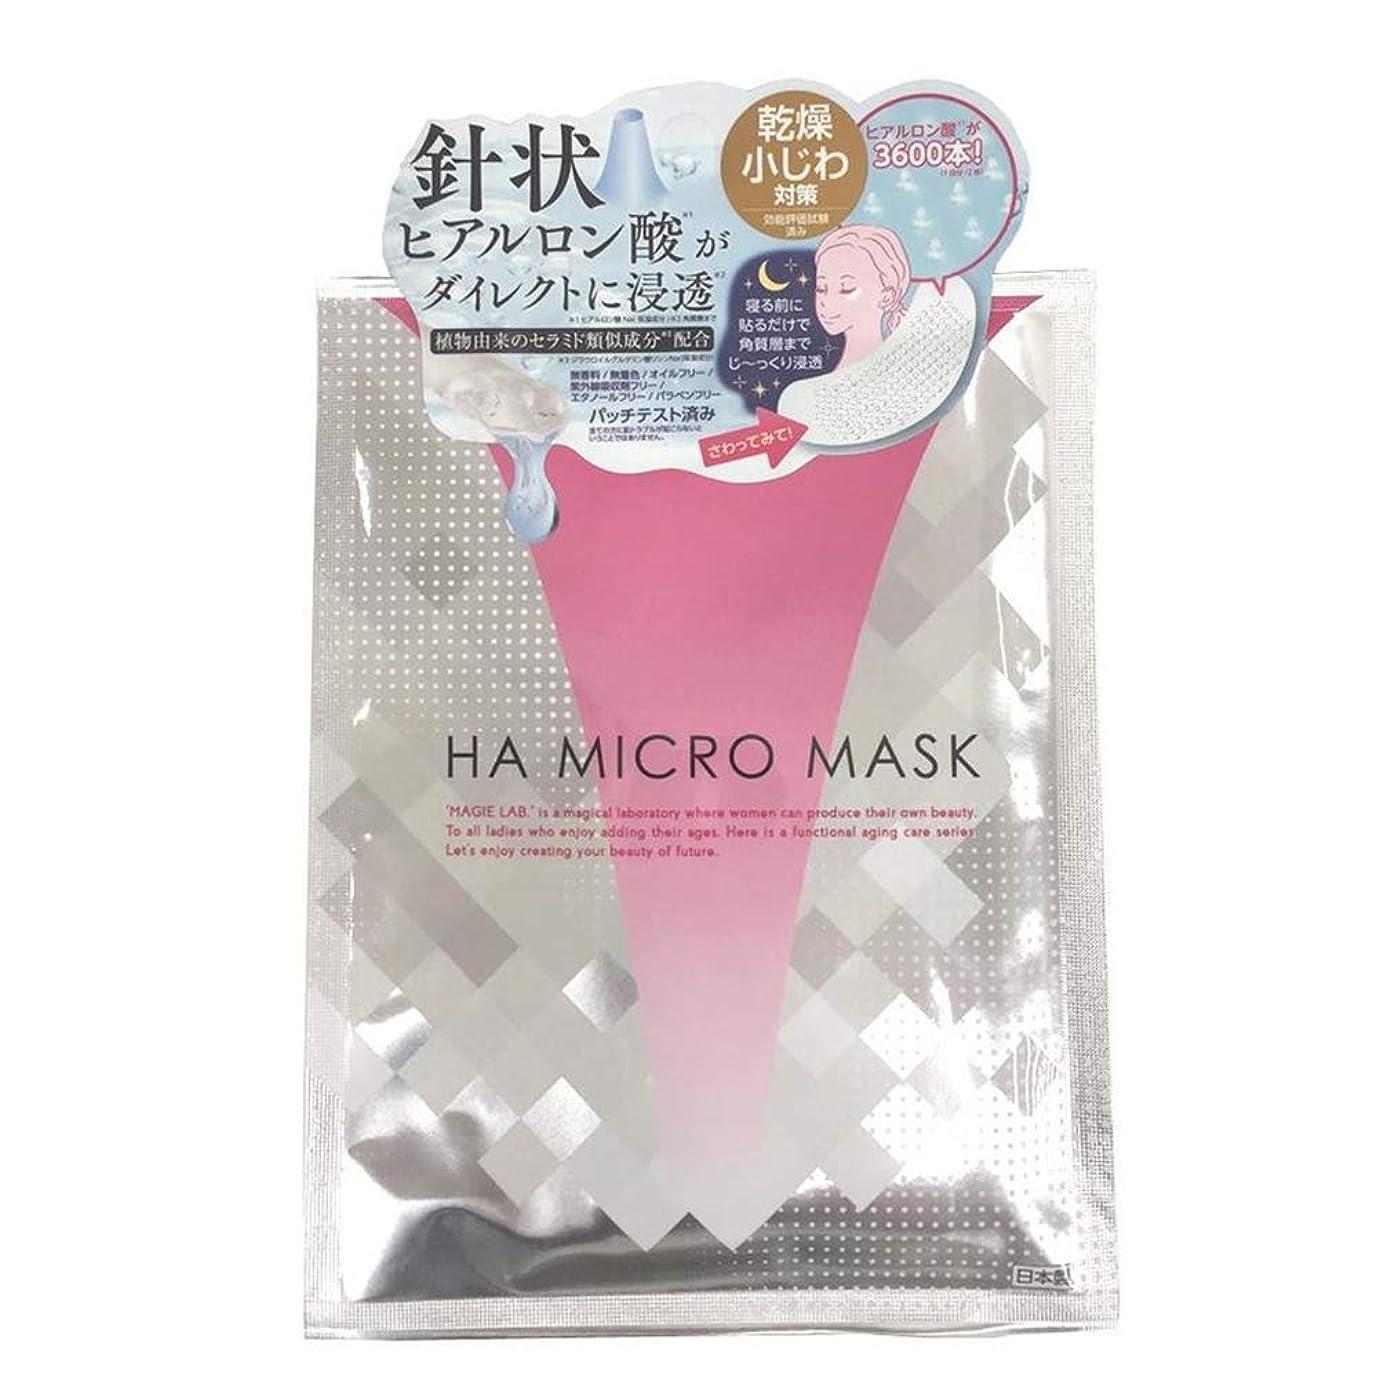 ローン丈夫声を出してMAGiE LAB.(マジラボ) 目元用マスク HA マイクロマスク 2枚入り(1回分) MG22153